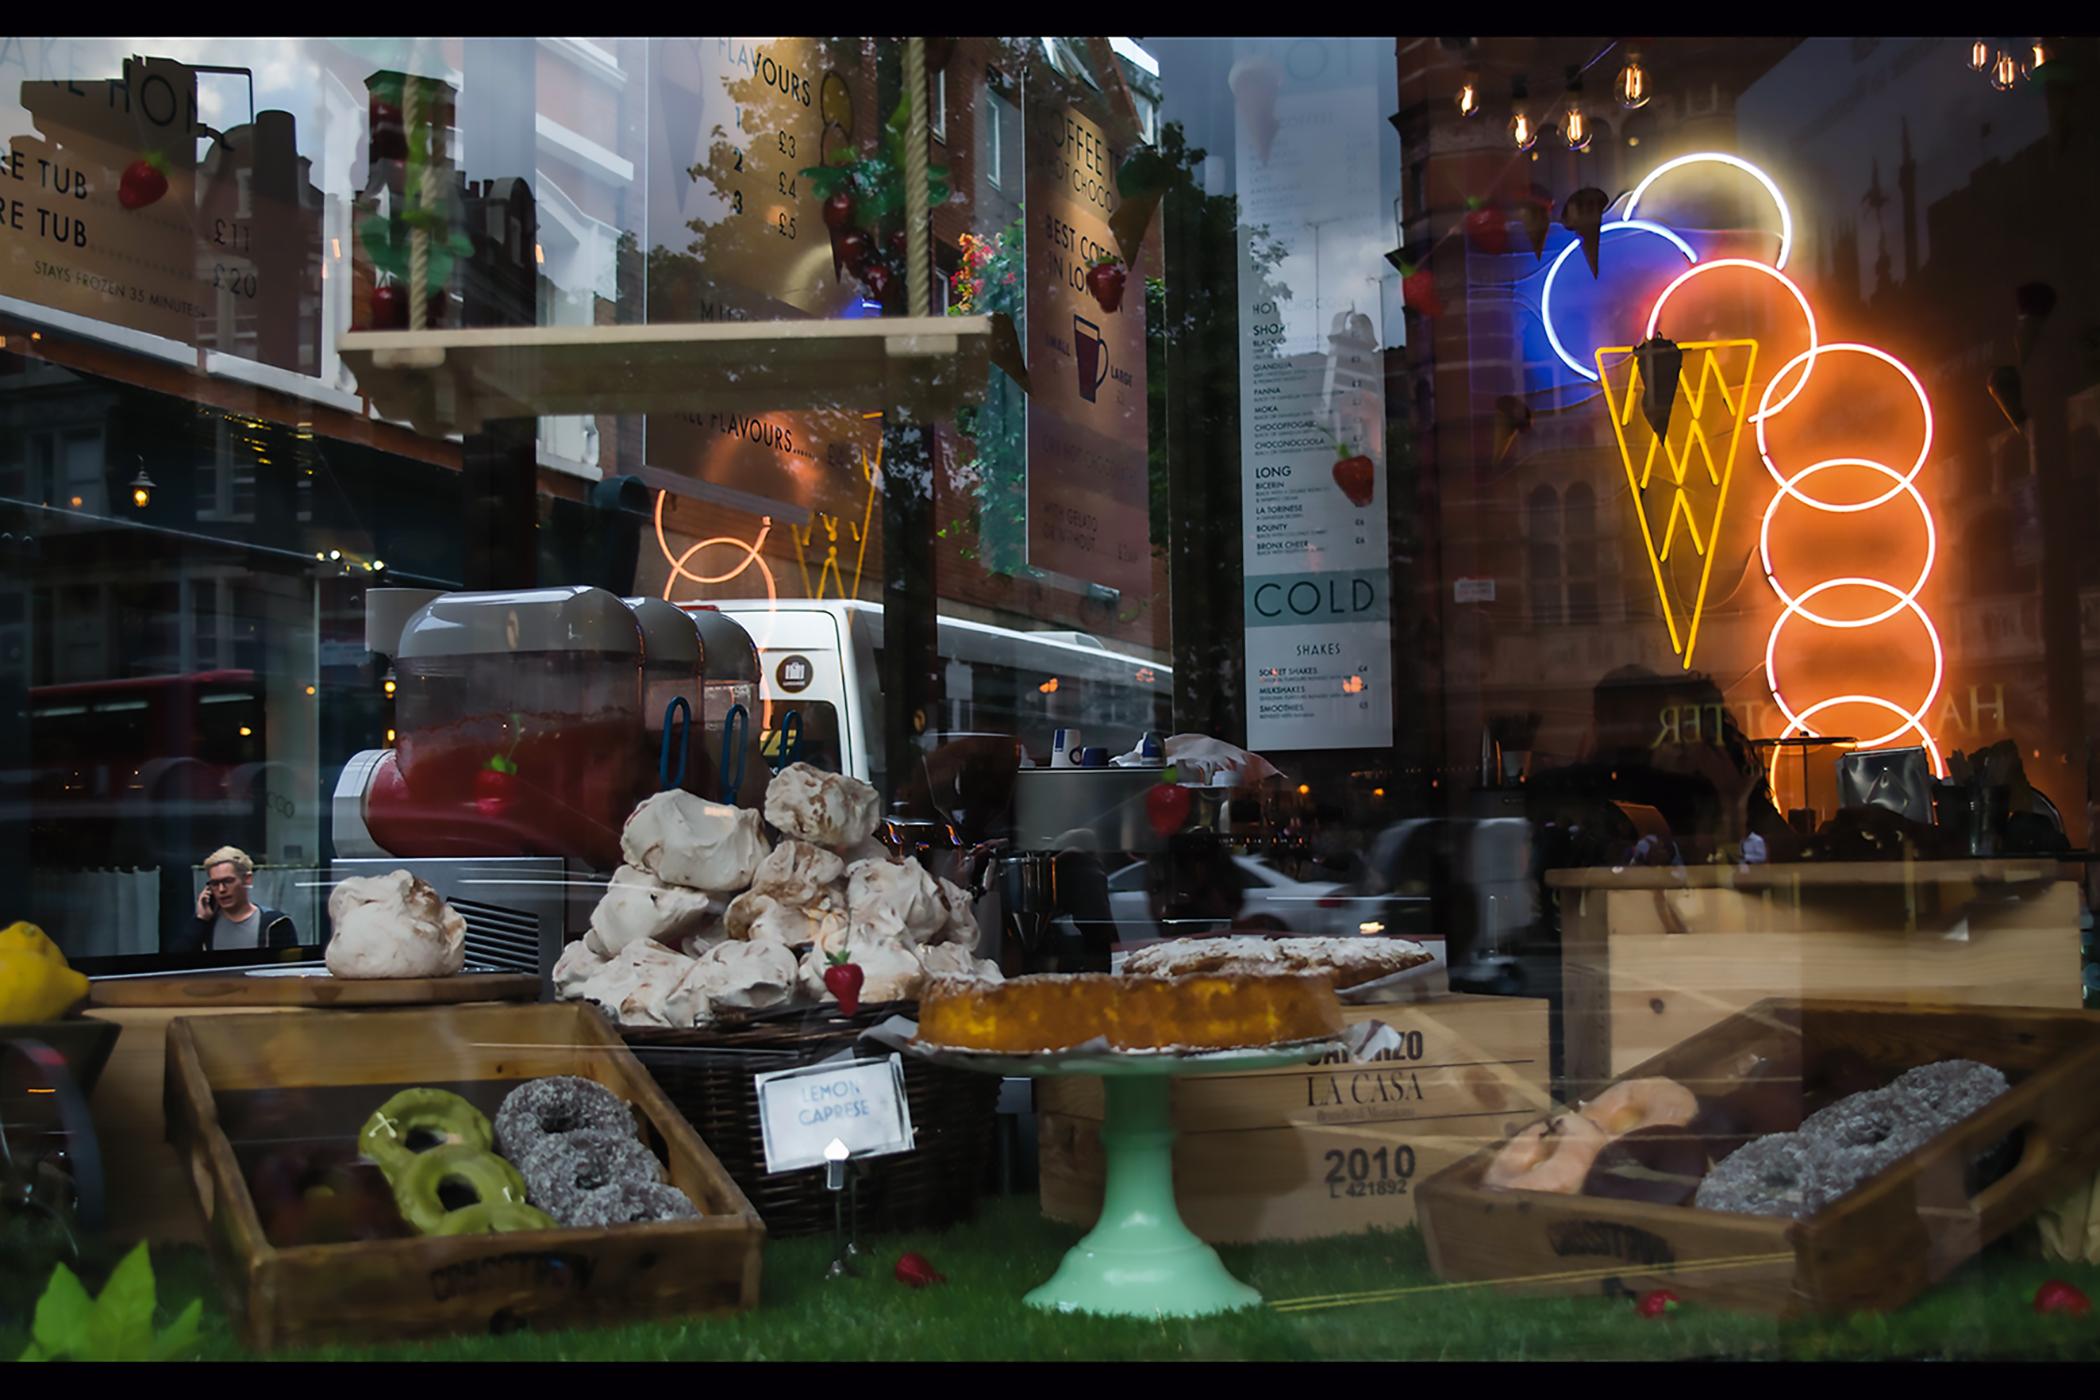 The Bakery Window_WEbsite.jpg